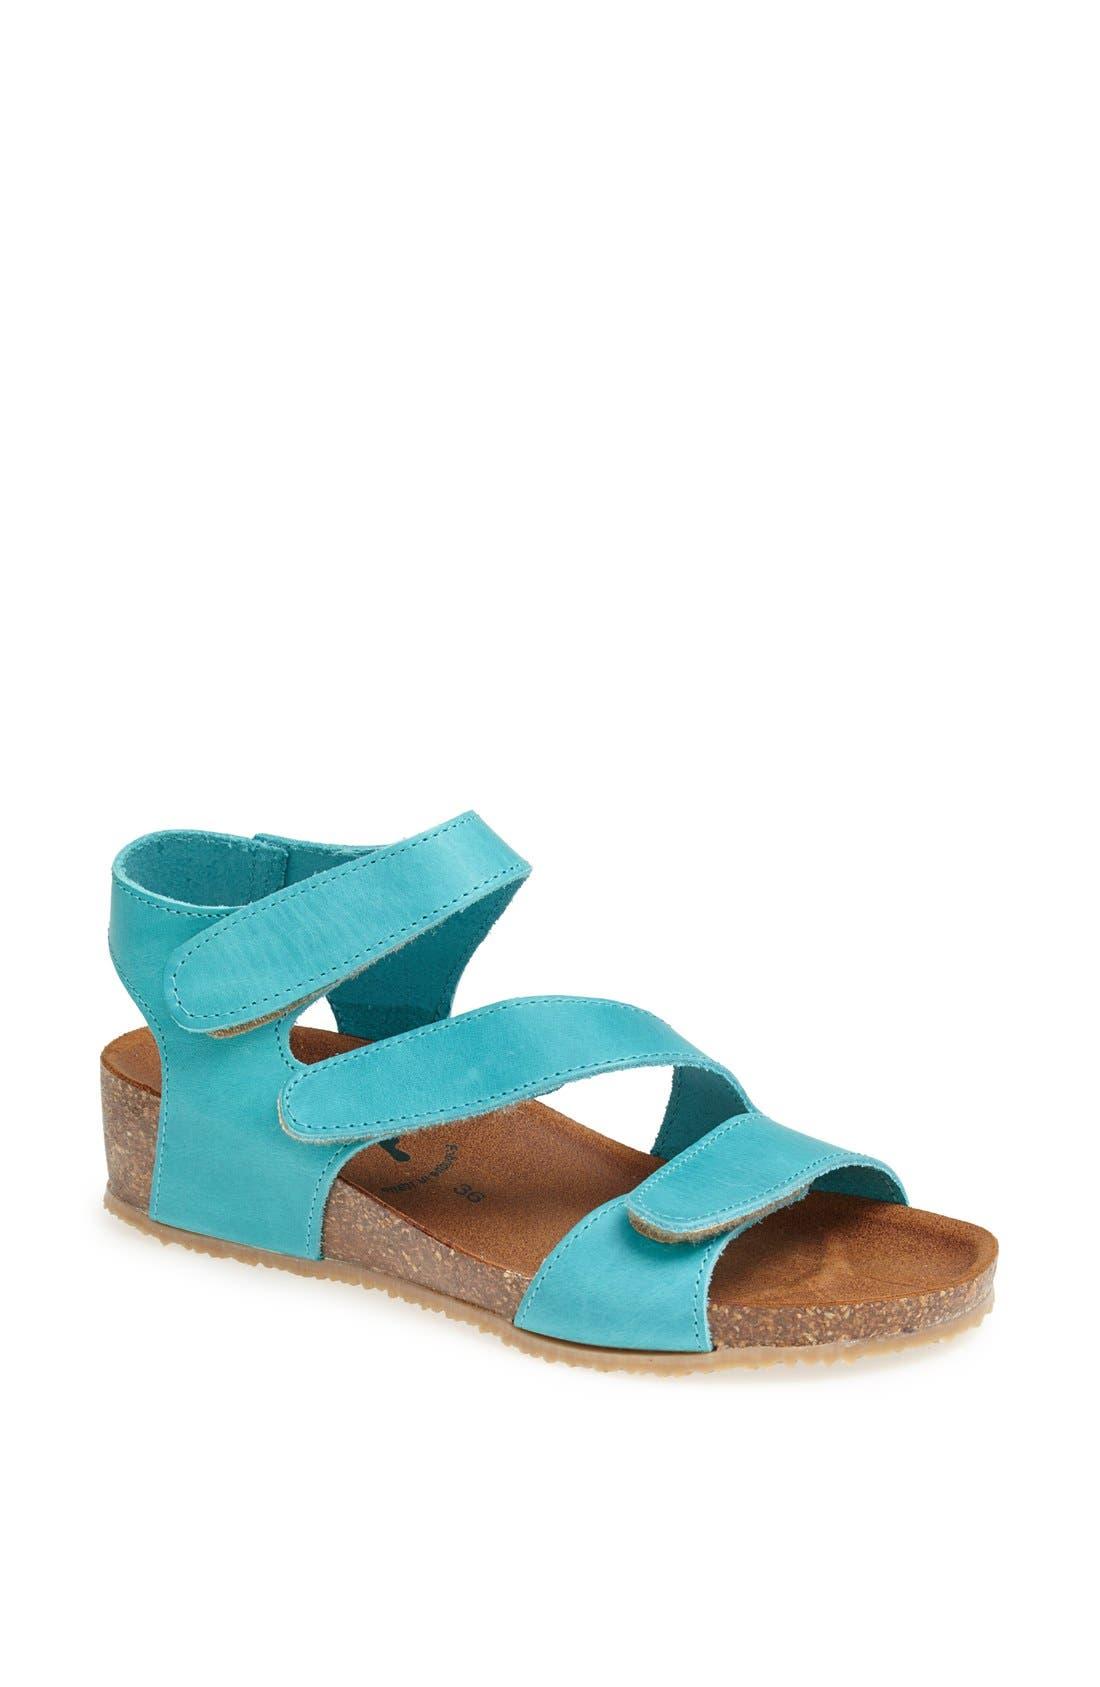 Alternate Image 1 Selected - BioNatura 'Milinna' Leather Sandal